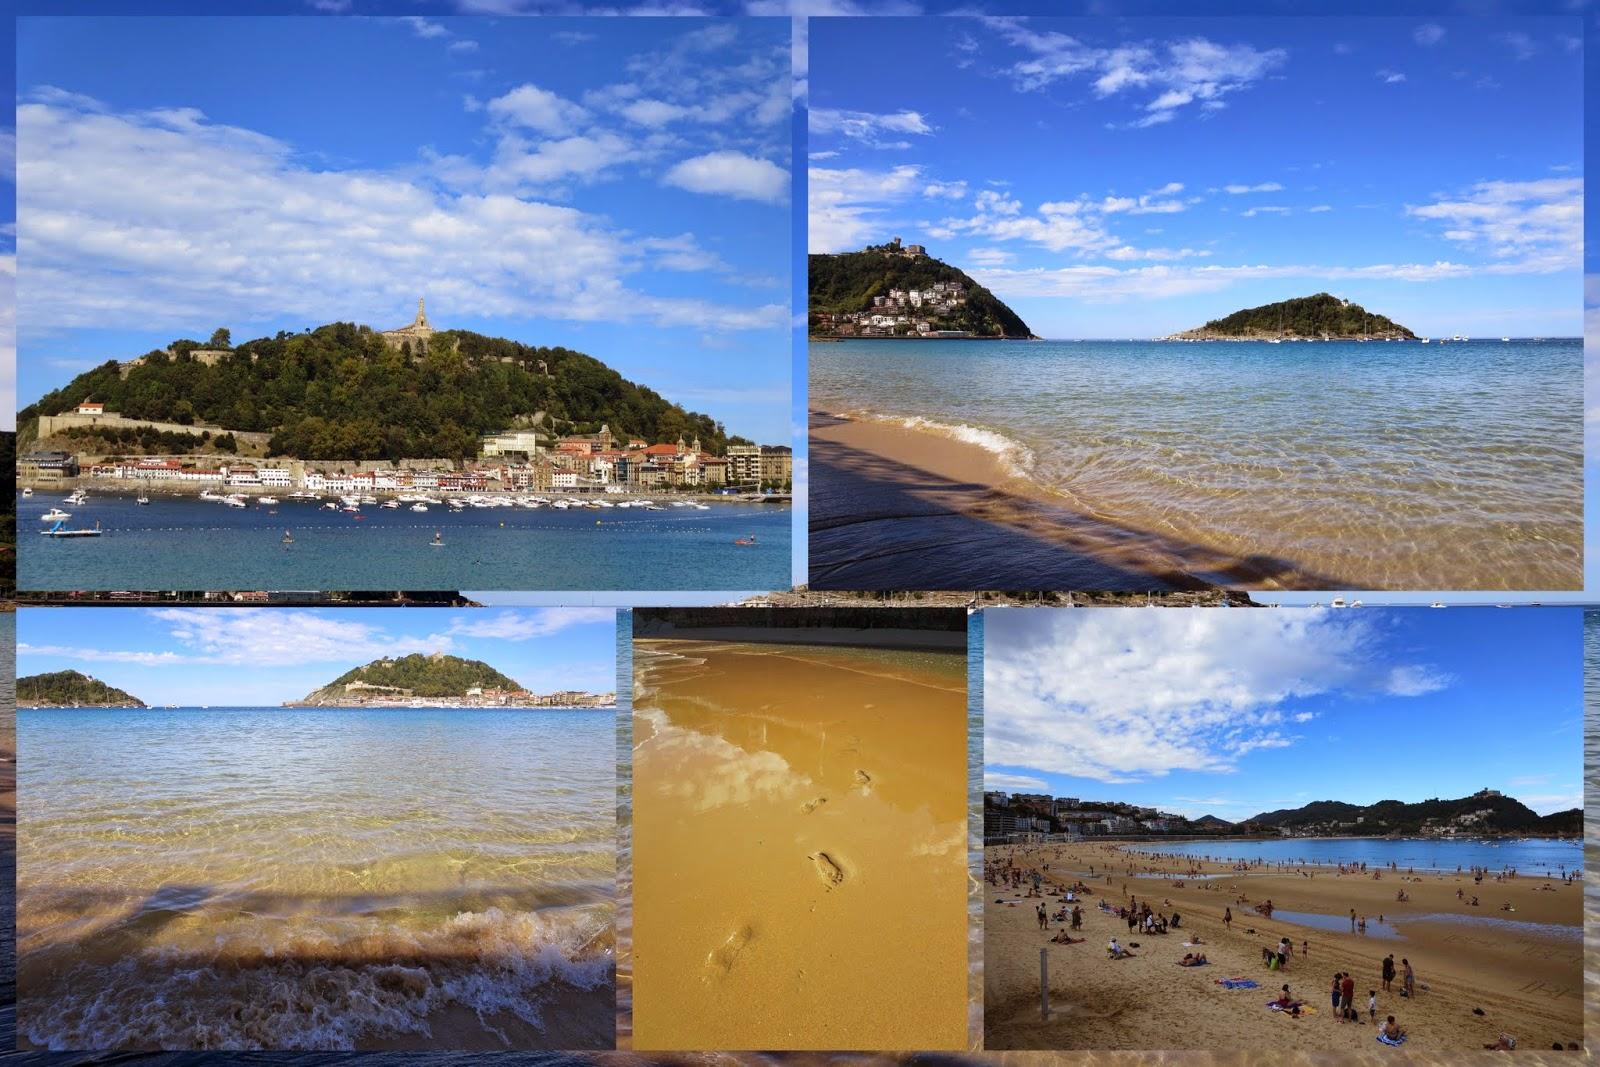 What to do in San Sebastián: Visit Kontxako Hondartza (La Concha Beach)